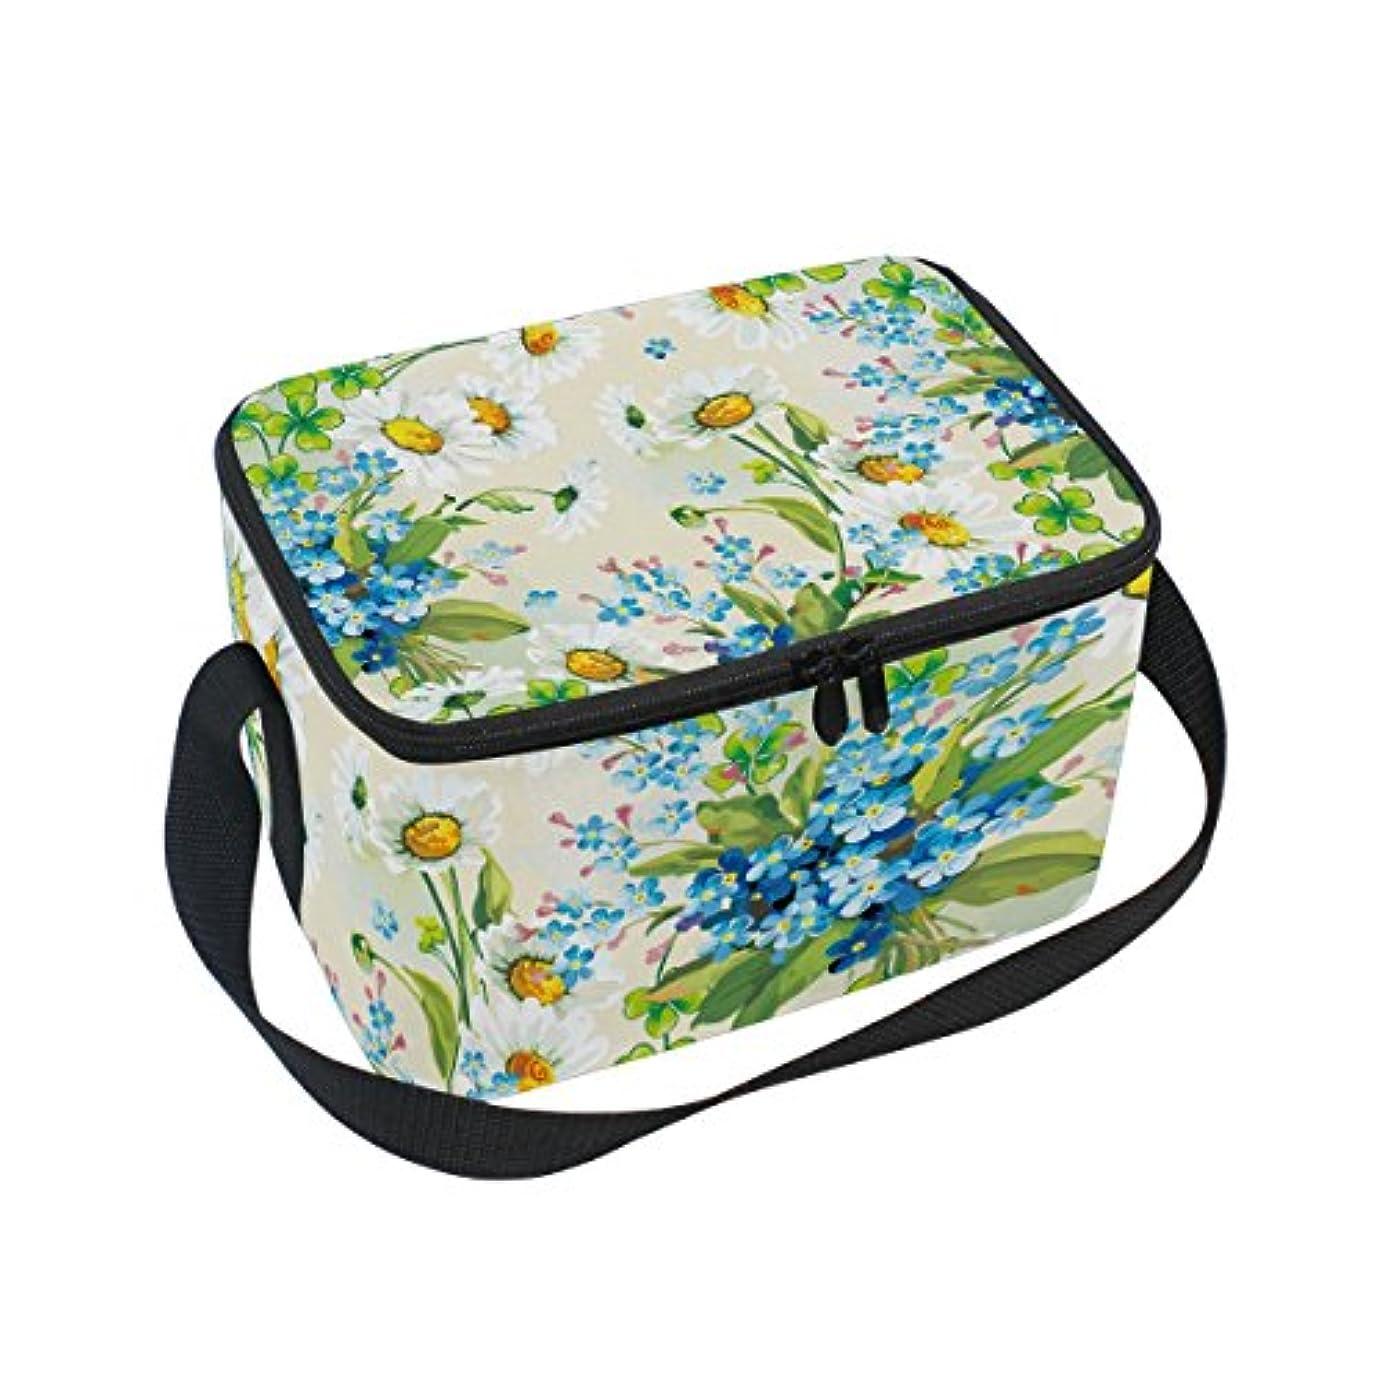 凝縮する和らげる塗抹クーラーバッグ クーラーボックス ソフトクーラ 冷蔵ボックス キャンプ用品 菊と青子花柄 油絵 保冷保温 大容量 肩掛け お花見 アウトドア